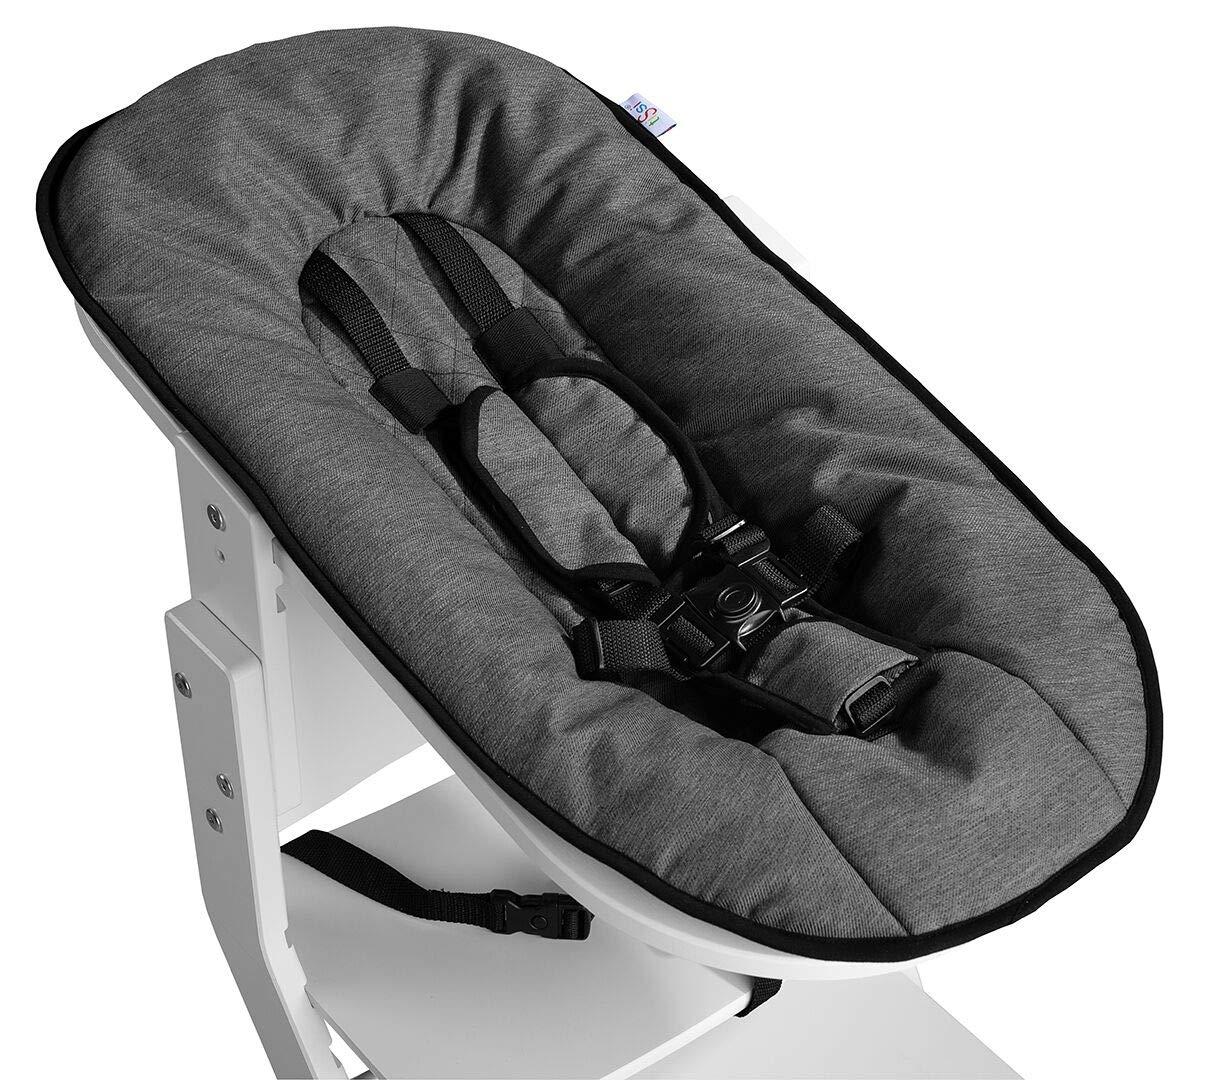 Babyaufsatz//Babyschale//Newborn Aufsatz f/ür den Treppenhochstuhl tiSsi/® grau